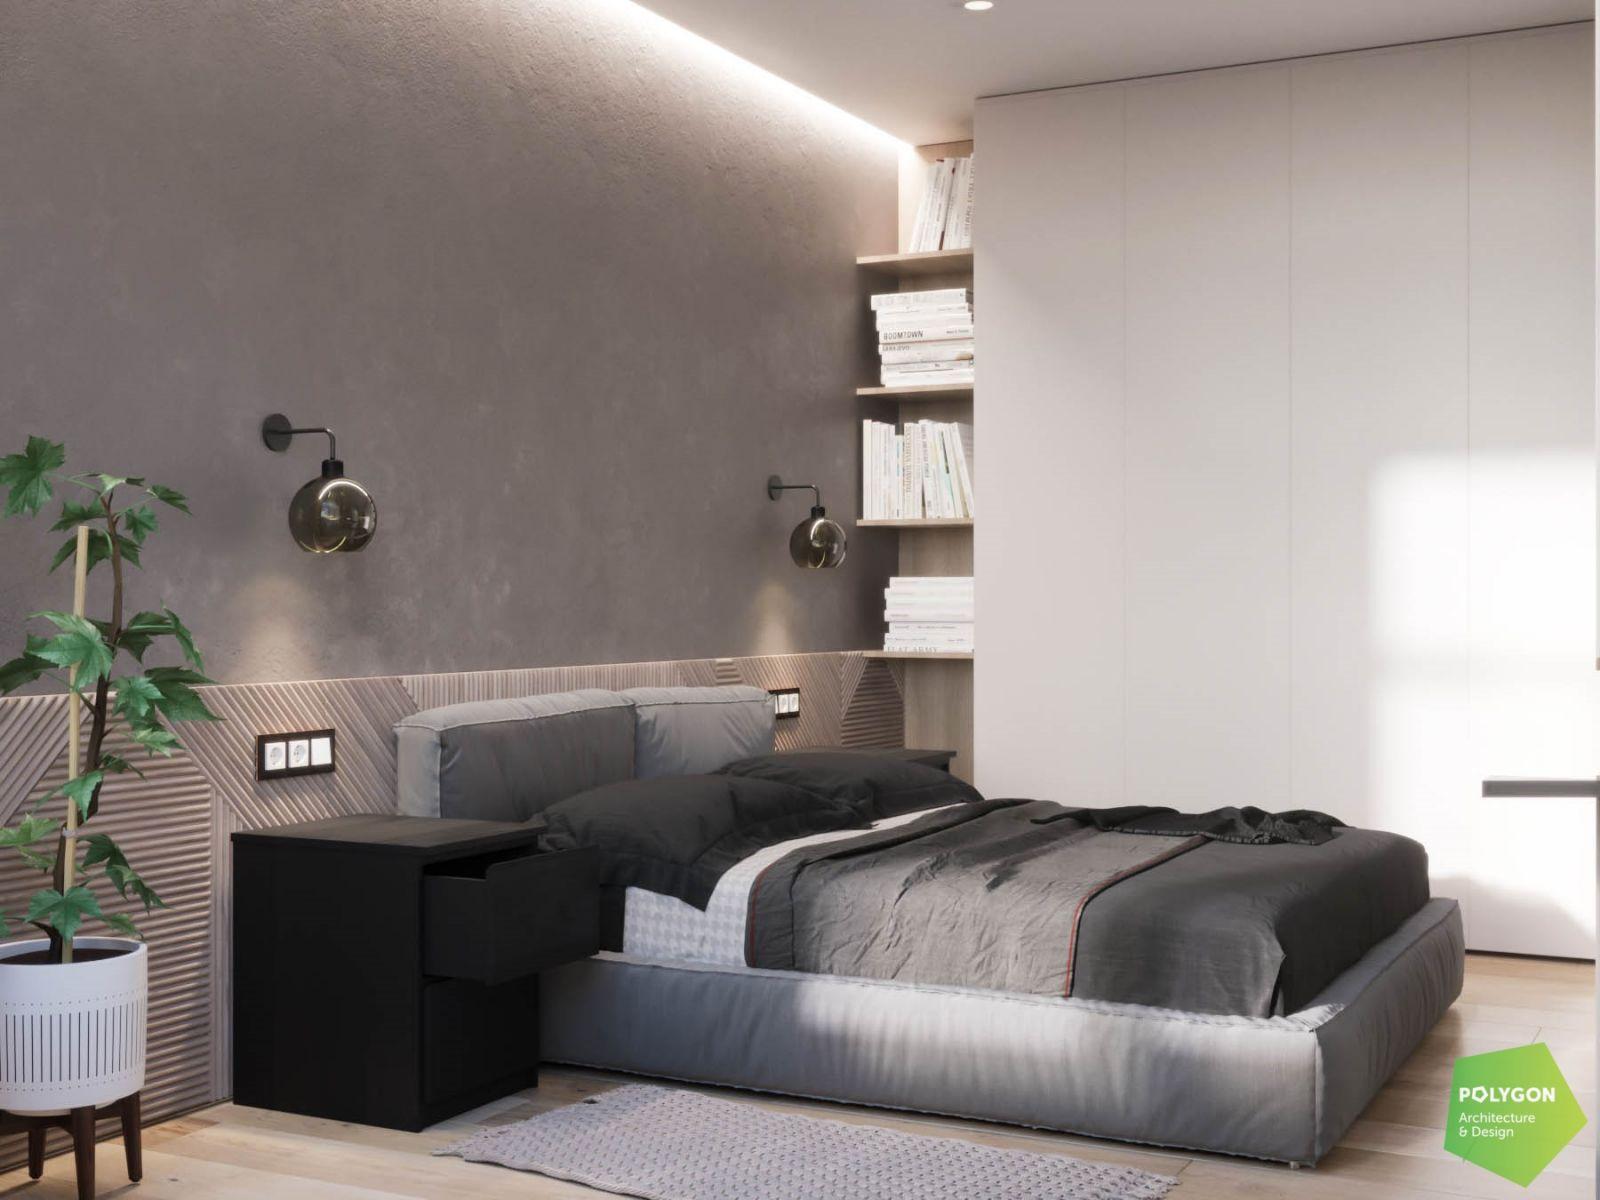 візуалізація спальні в одному з проєків дизайнерки